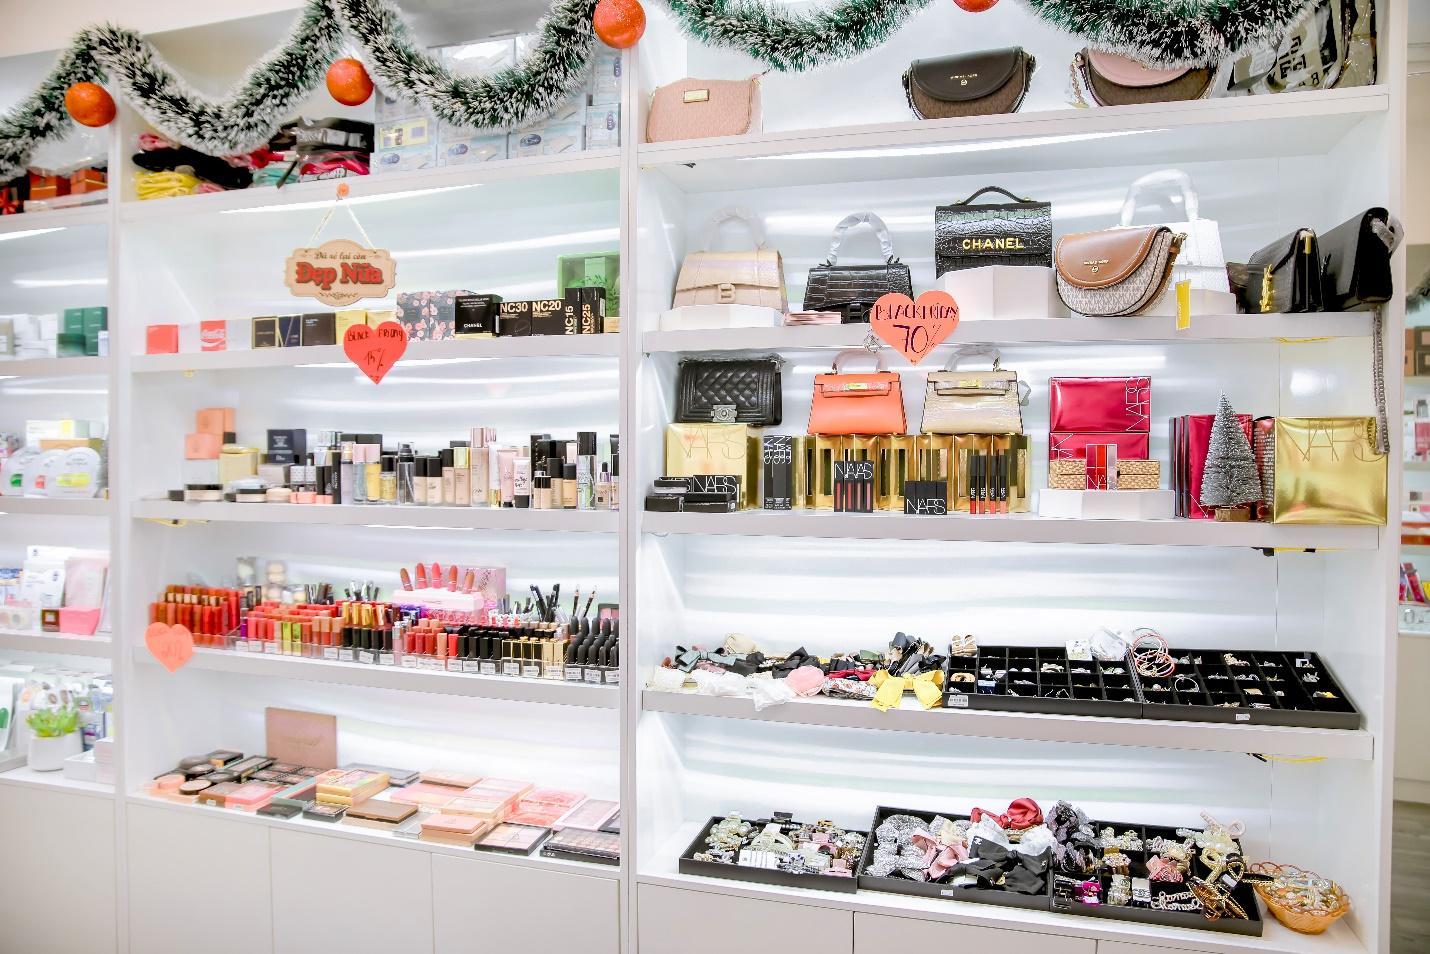 Trần Phi Yến Store – Shop thời trang, mỹ phẩm quen thuộc của phái đẹp Đồng Nai - Ảnh 7